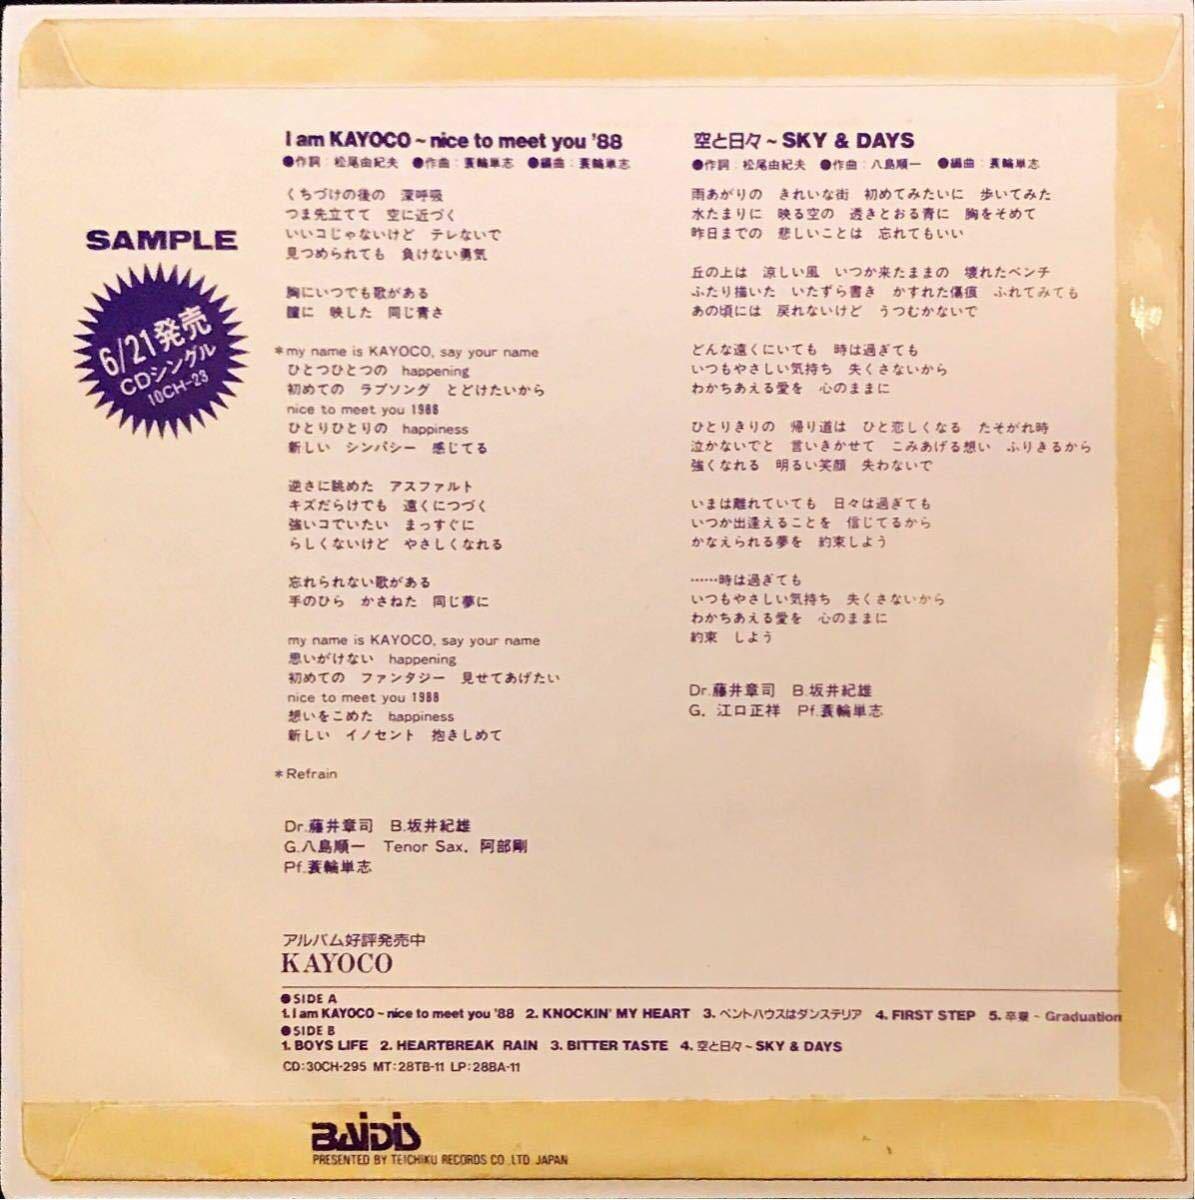 【試聴】和モノ非売品ROCK KAYOCO // I am KAYOCO / 空と日々 GROOVE歌謡 【EP】1988年プロモ見本盤オンリー 希少盤7inch_画像2